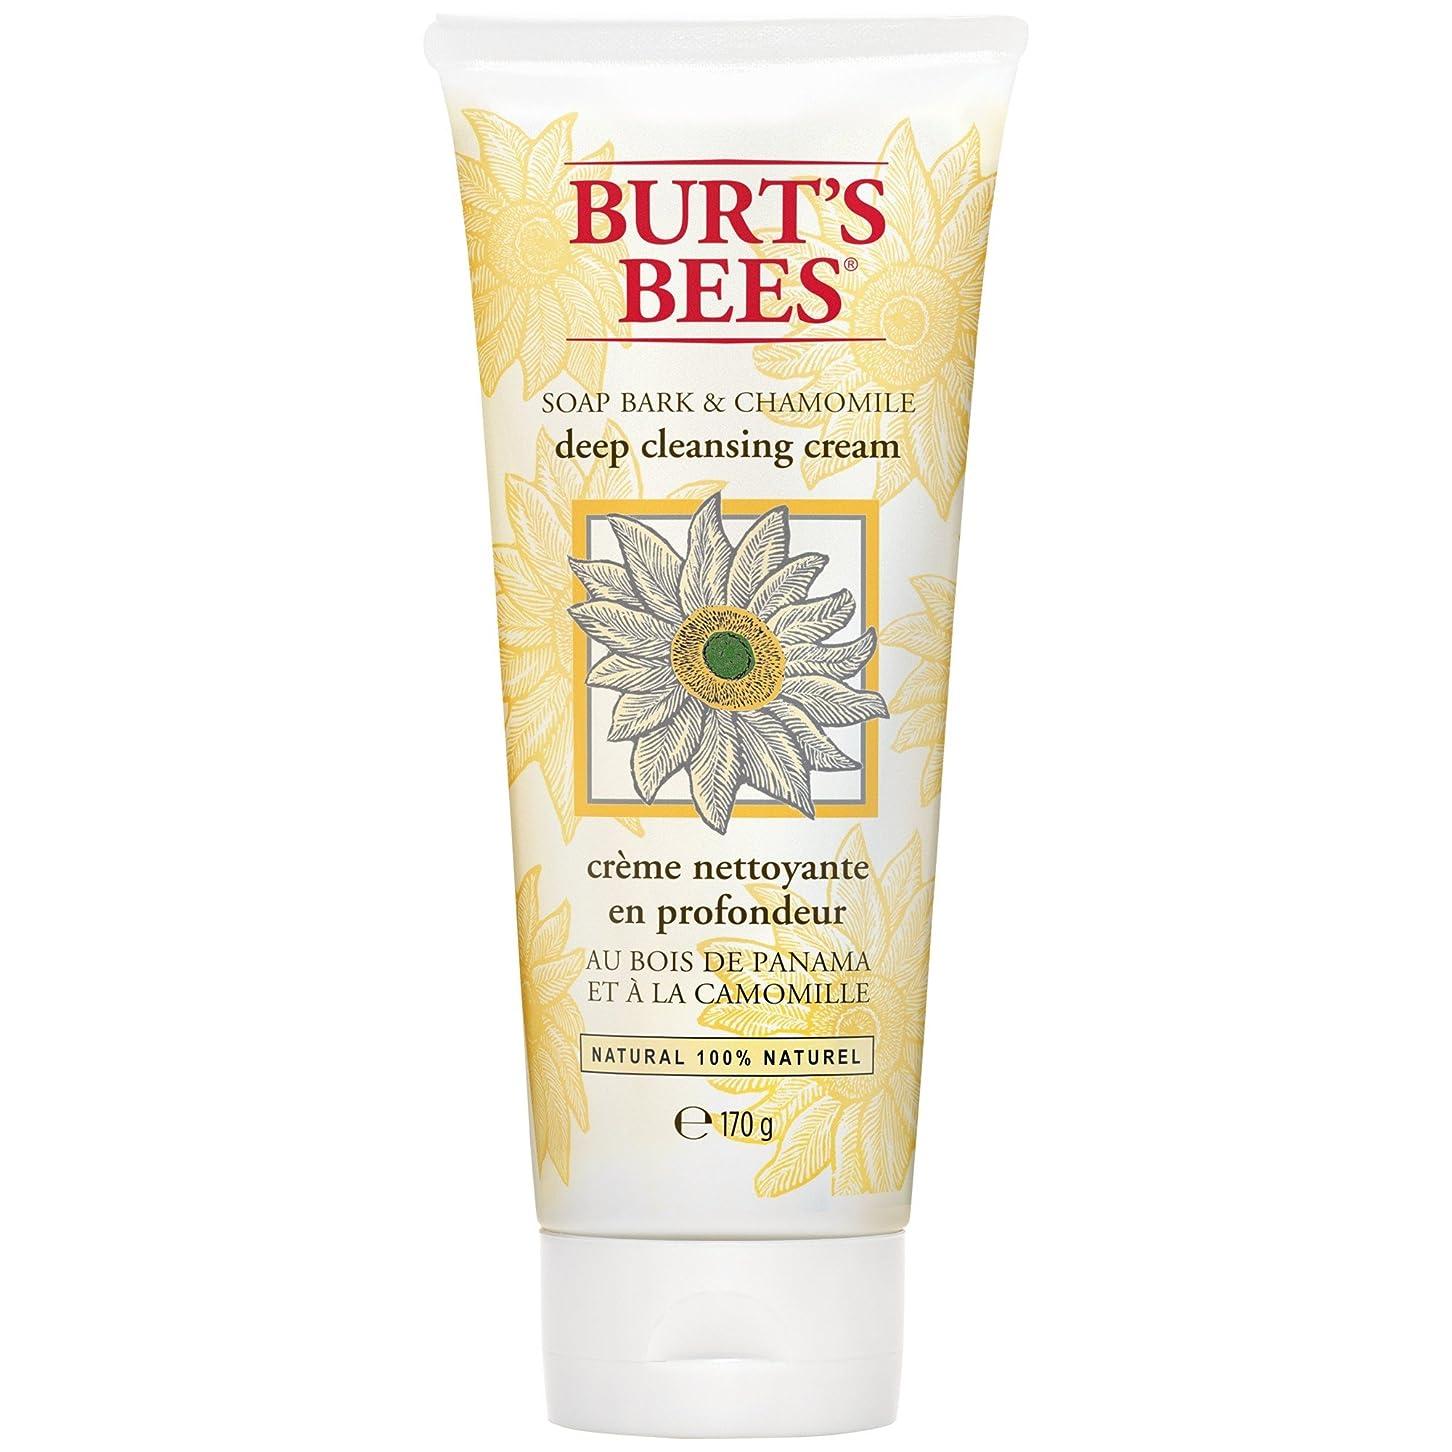 平和仲介者肉屋バートのBees?ソープバーク??&カモミールディープクレンジングクリーム170グラム (Burt's Bees) (x2) - Burt's Bees? Soap Bark & Chamomile Deep Cleansing Cream 170g (Pack of 2) [並行輸入品]